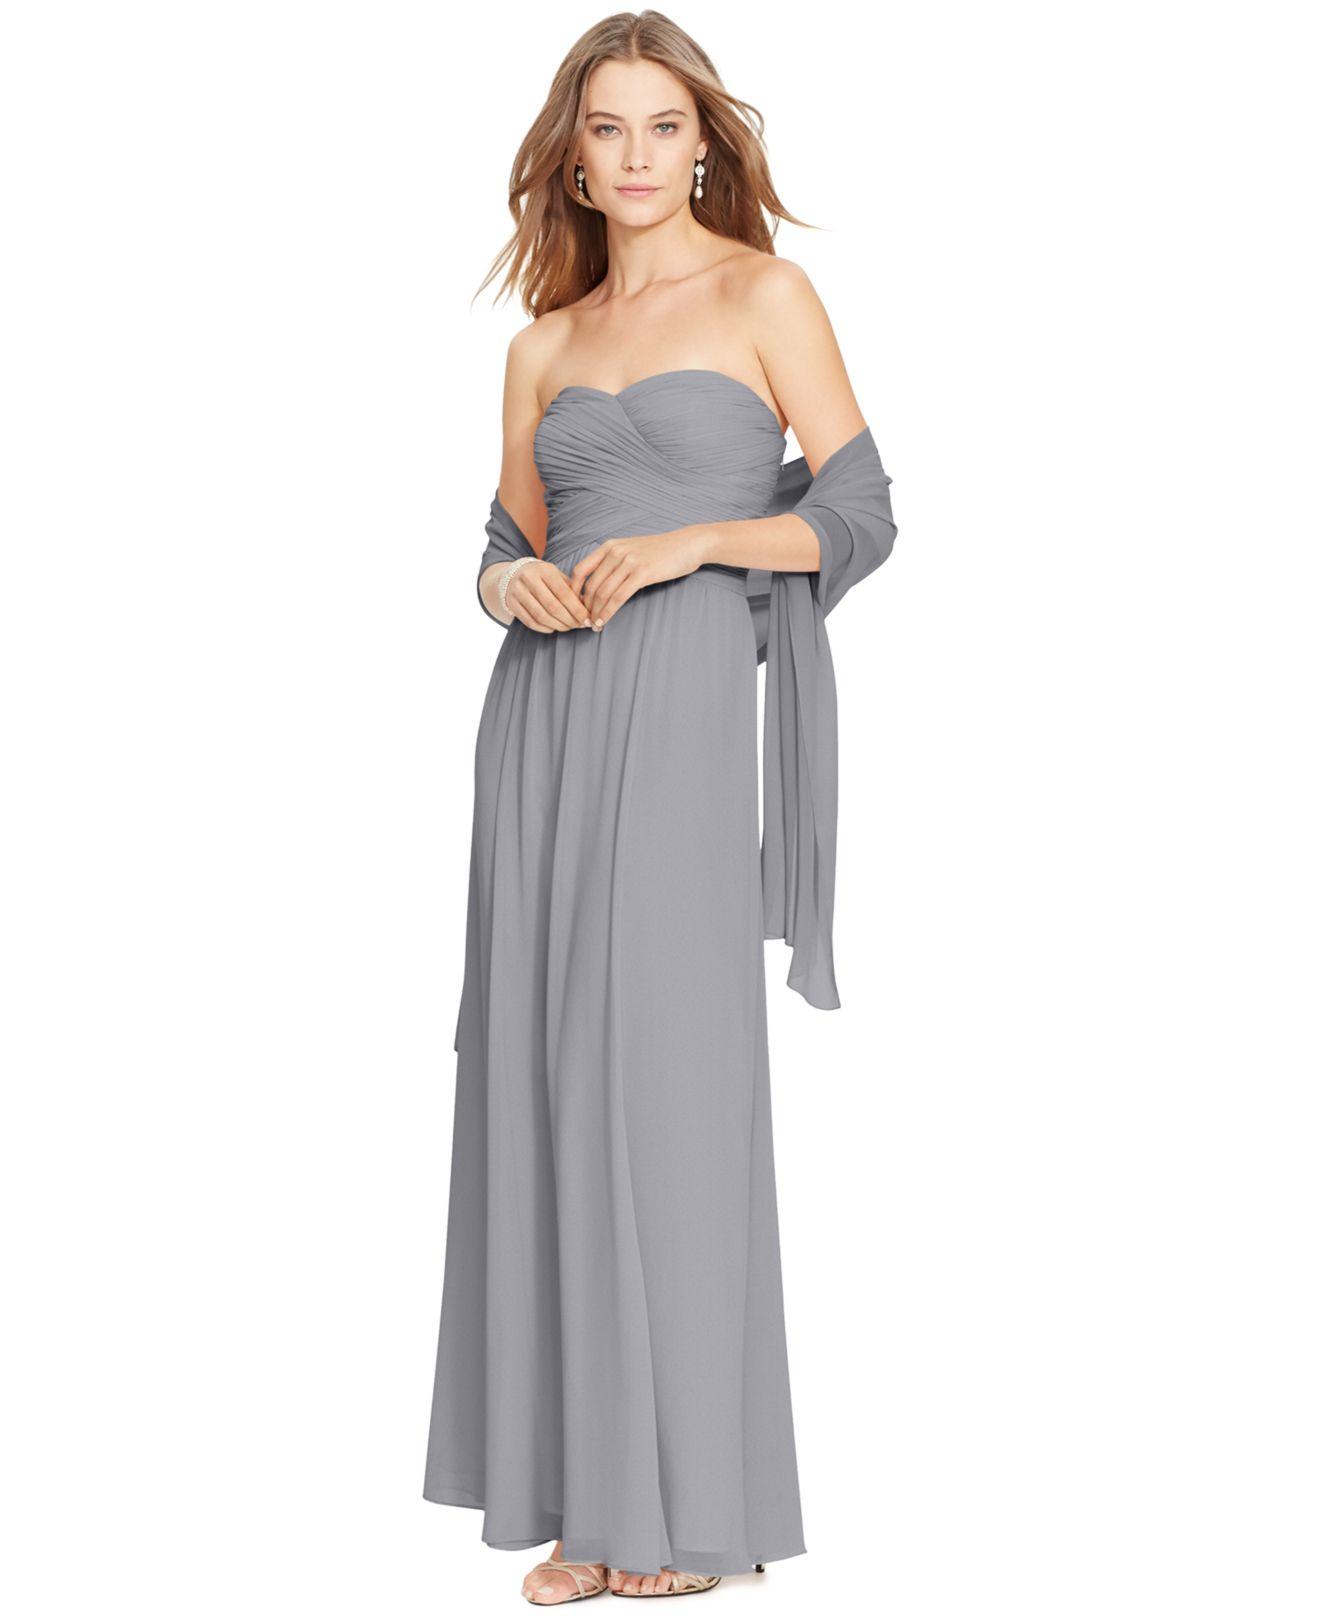 Lauren by ralph lauren Strapless Ruched Gown in Gray | Lyst